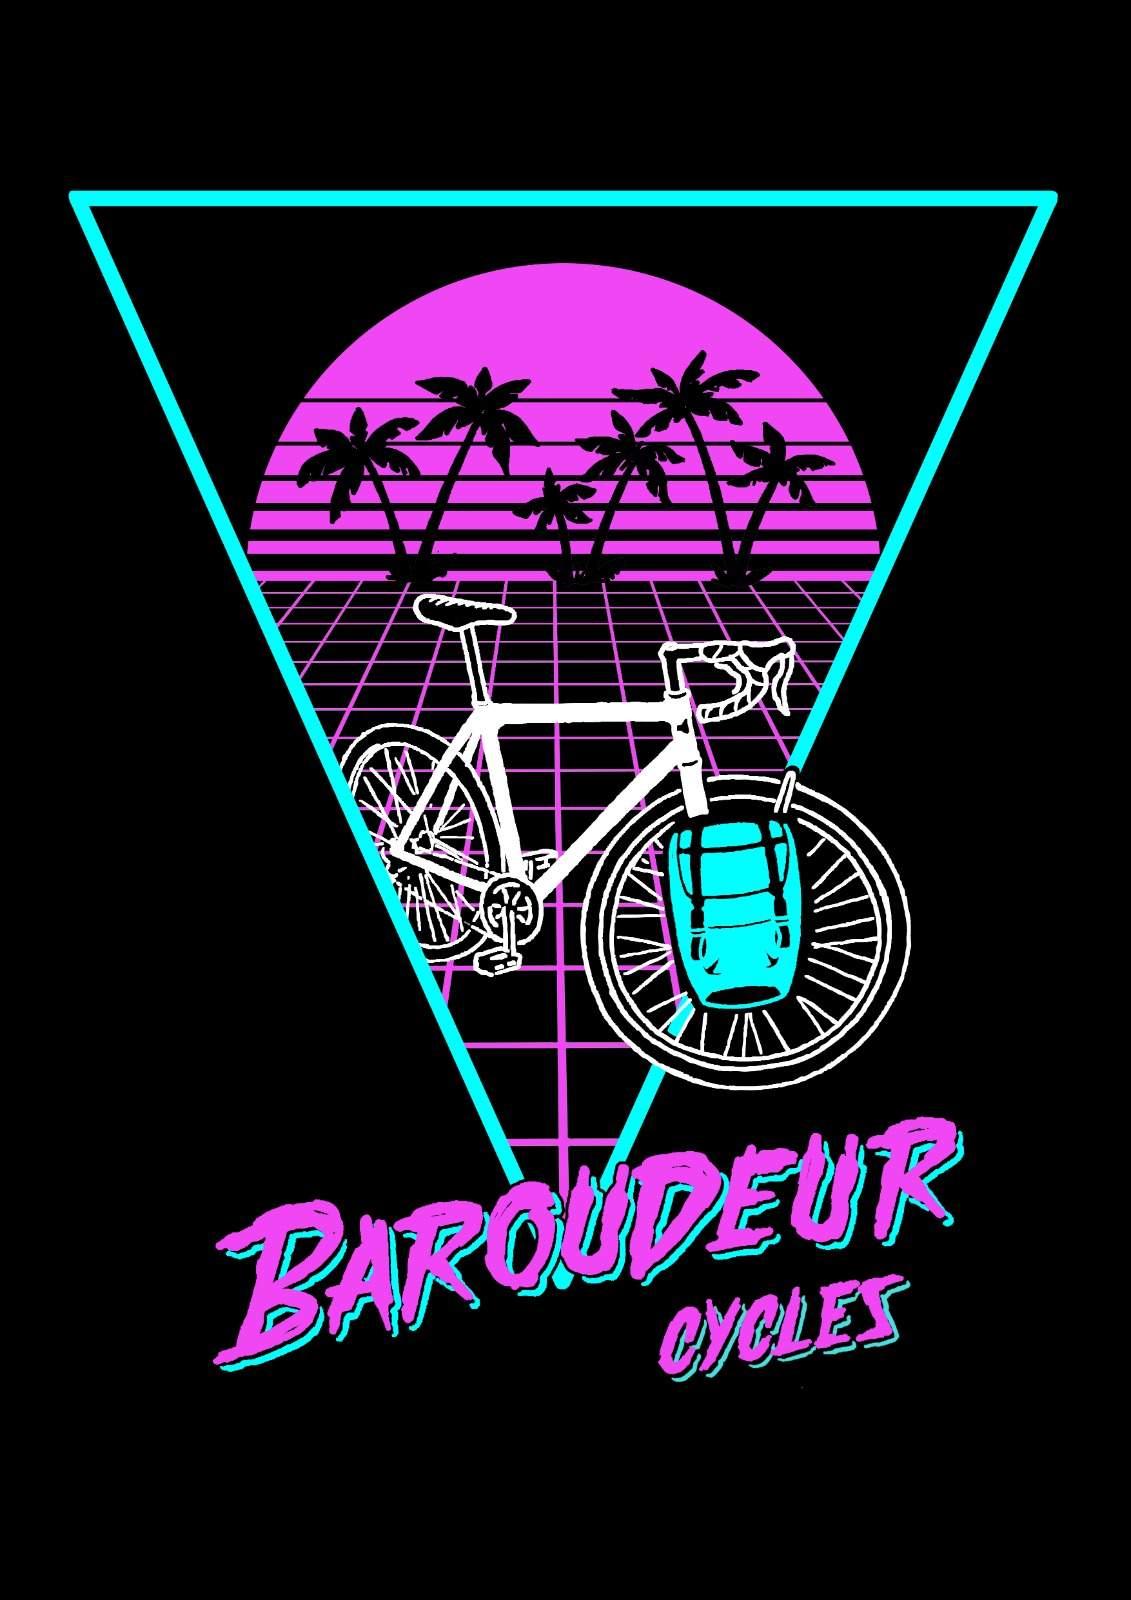 Baroudeurs cycles